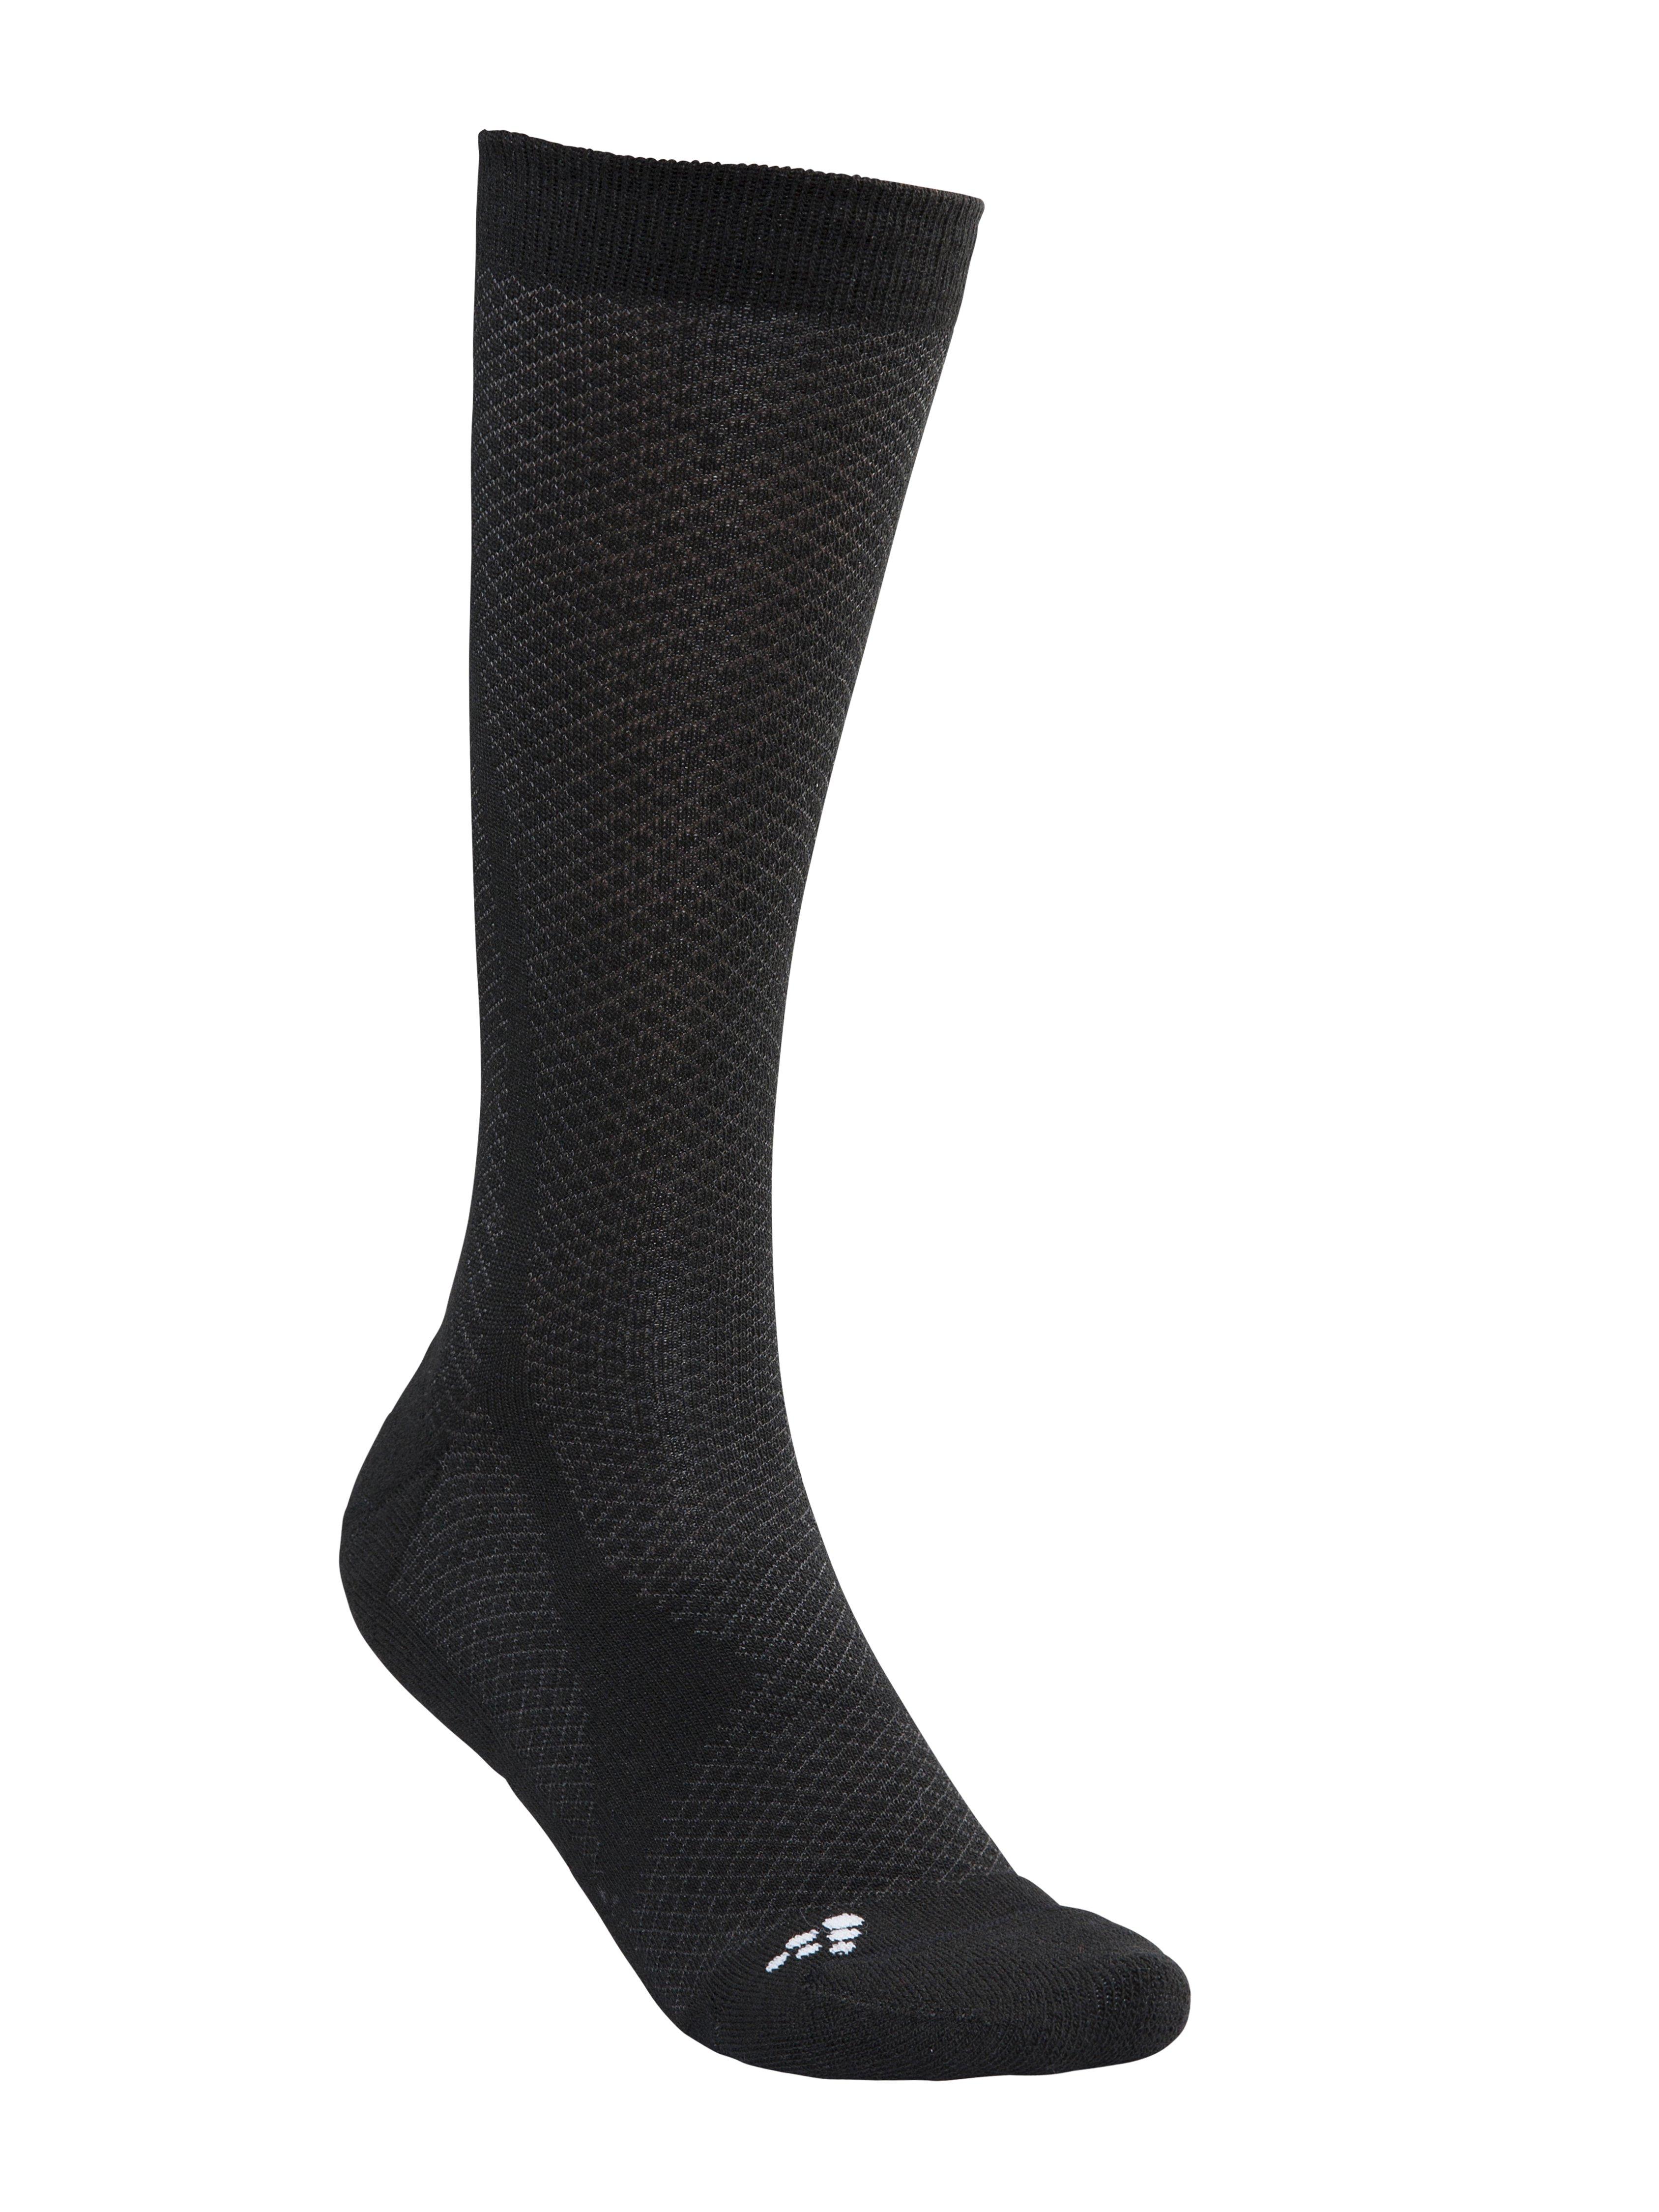 Носки-гольфы спортивные Craft Warm (2 пары)